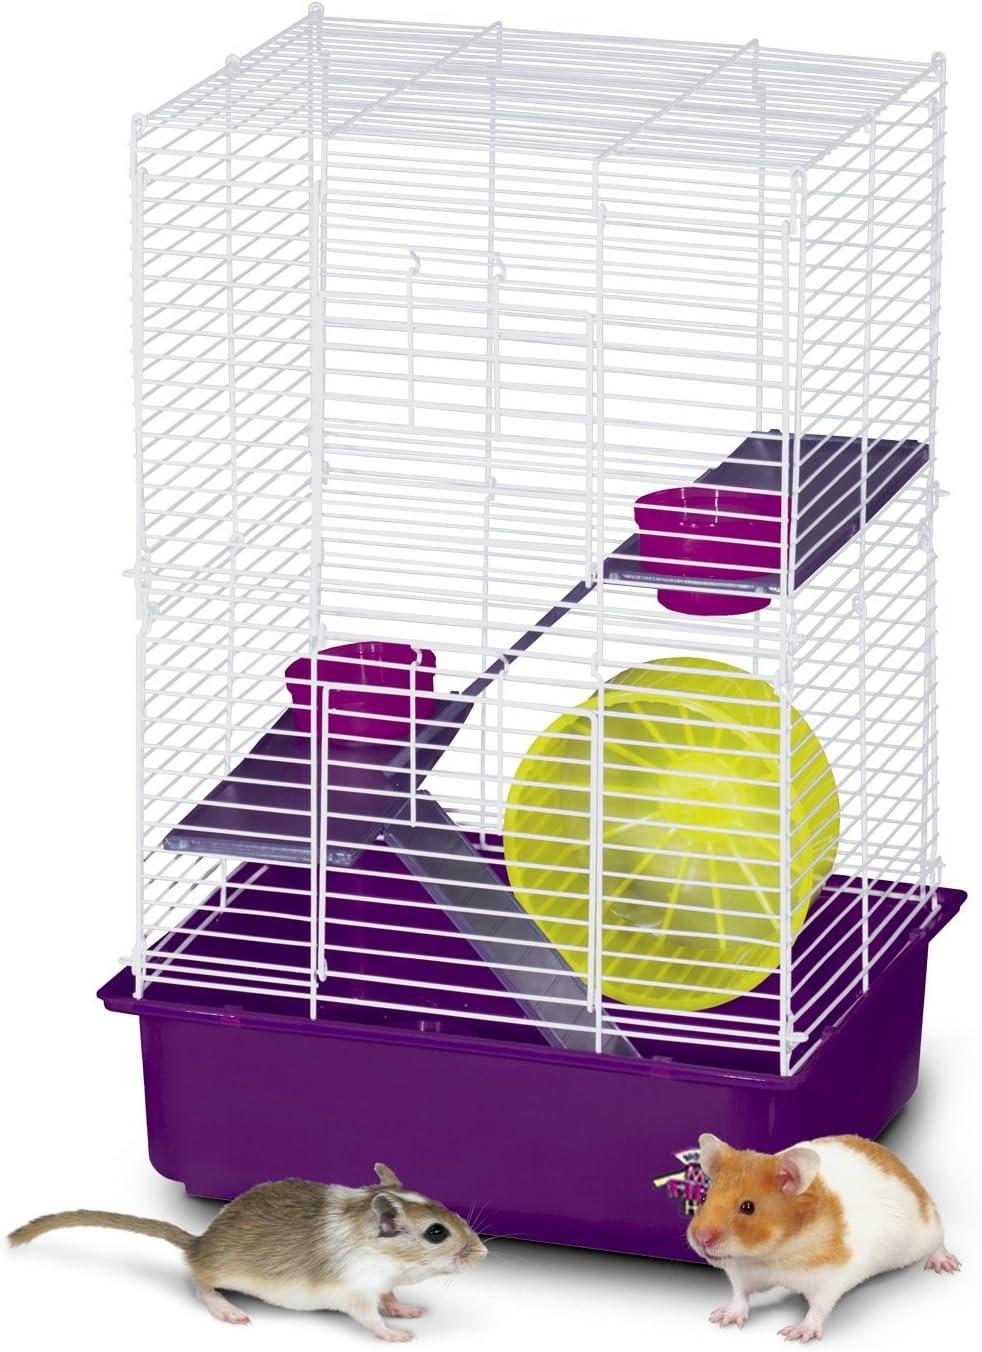 新作アイテム毎日更新 Super Pet 推奨 Deluxe Hamster My Home First